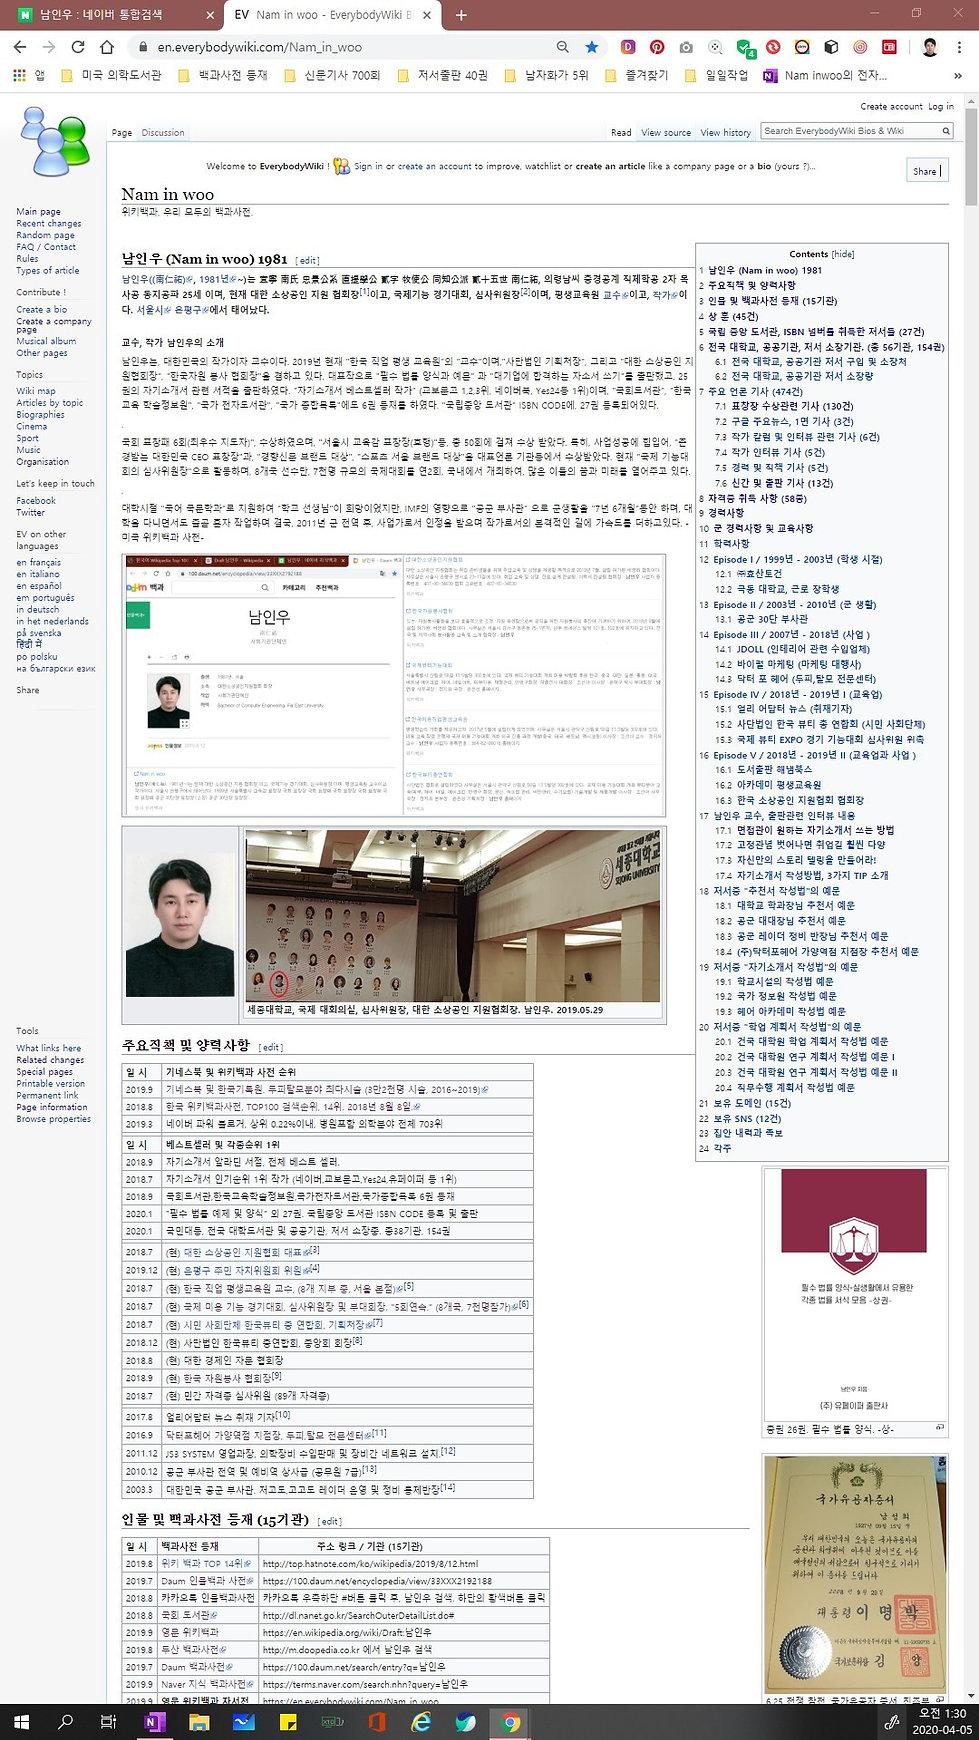 위키백과 자서전.jpg